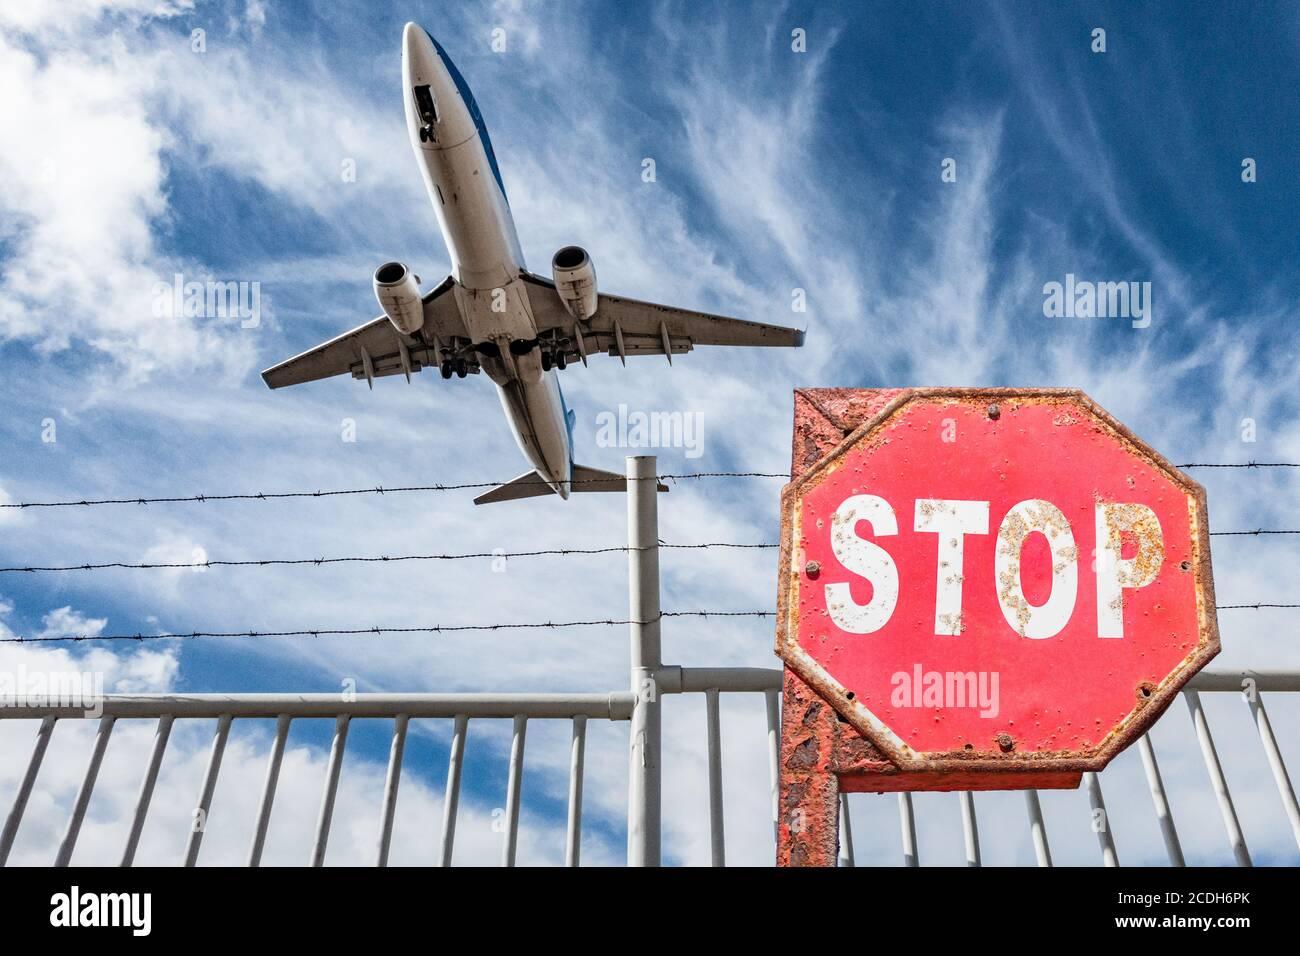 Avion survolant la clôture périphérique de l'aéroport avec le panneau stop en premier plan. Industrie aéronautique, Covid 19, coronavirus, tourisme..., concept. Banque D'Images